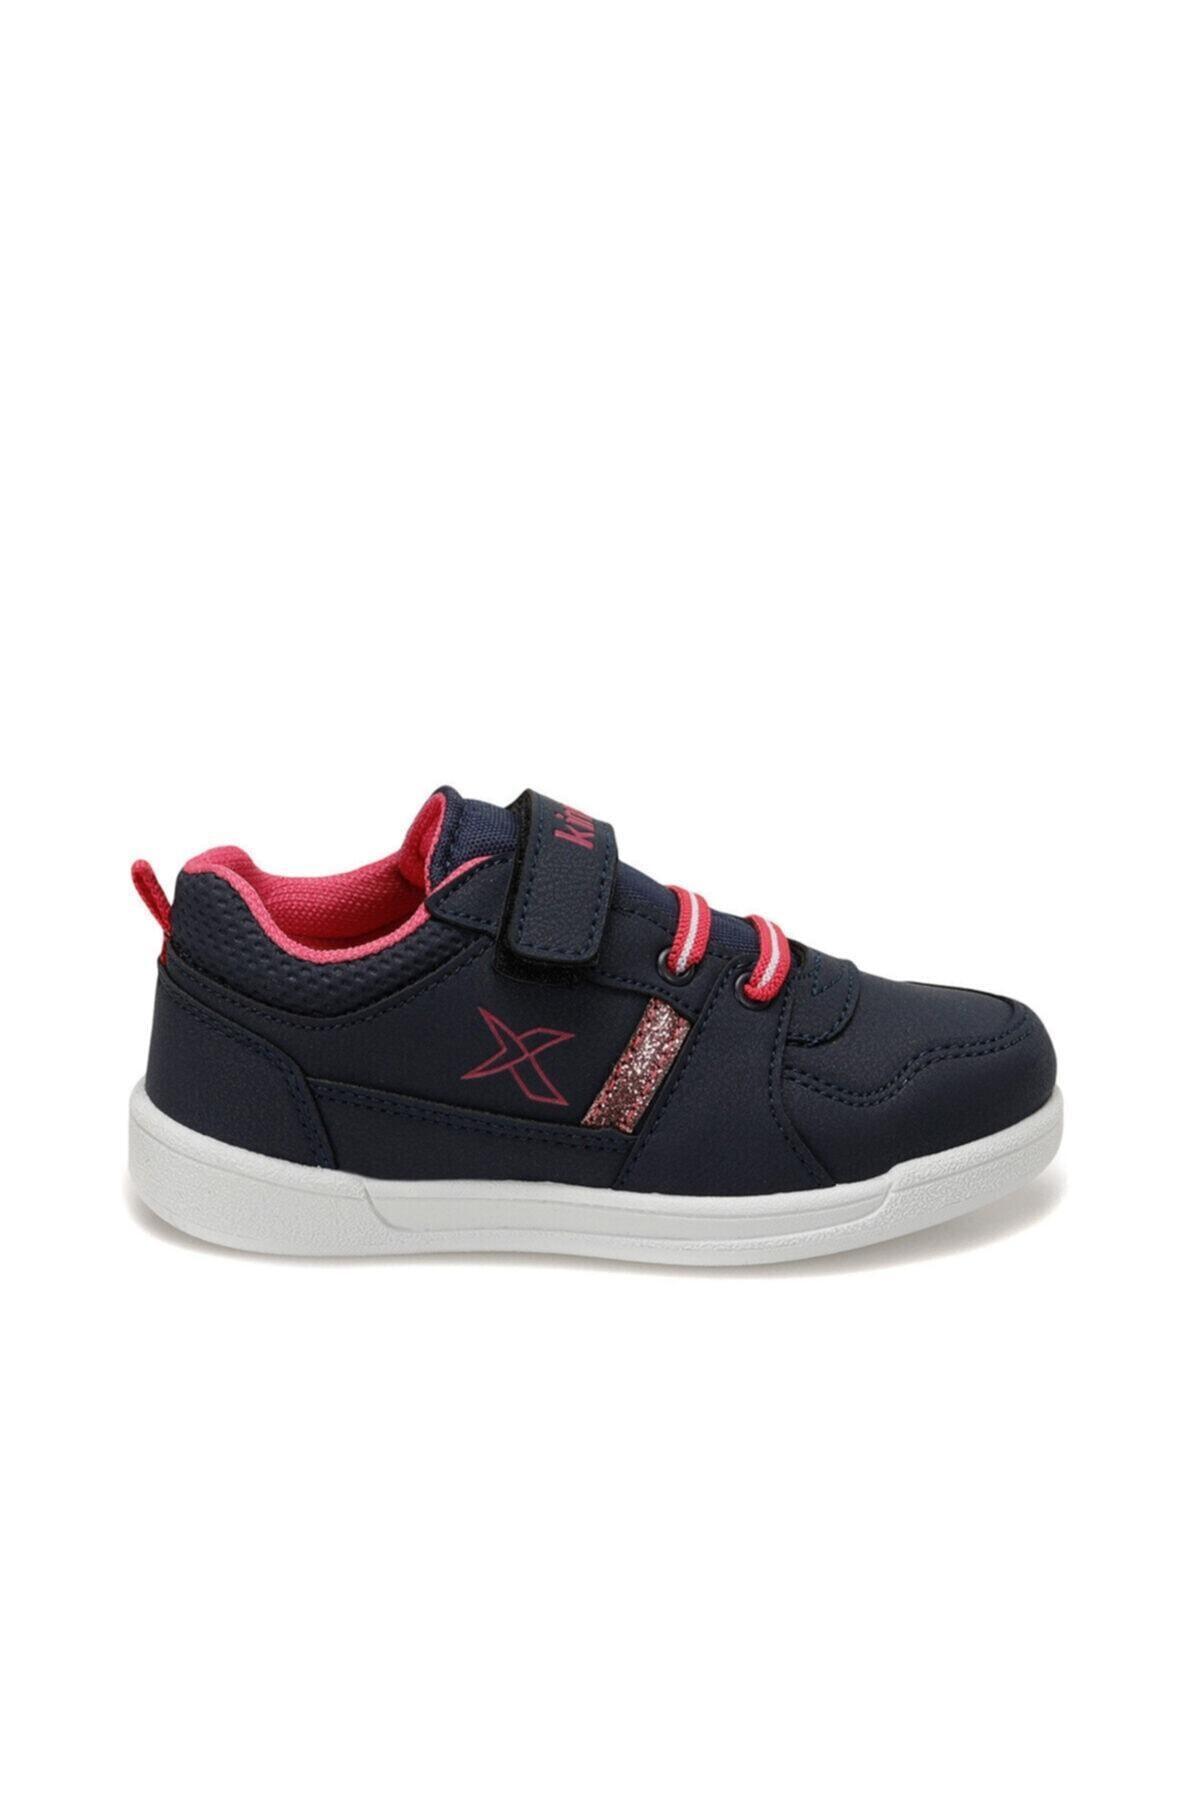 Kinetix ENKOS 9PR Lacivert Kız Çocuk Sneaker Ayakkabı 100425520 2